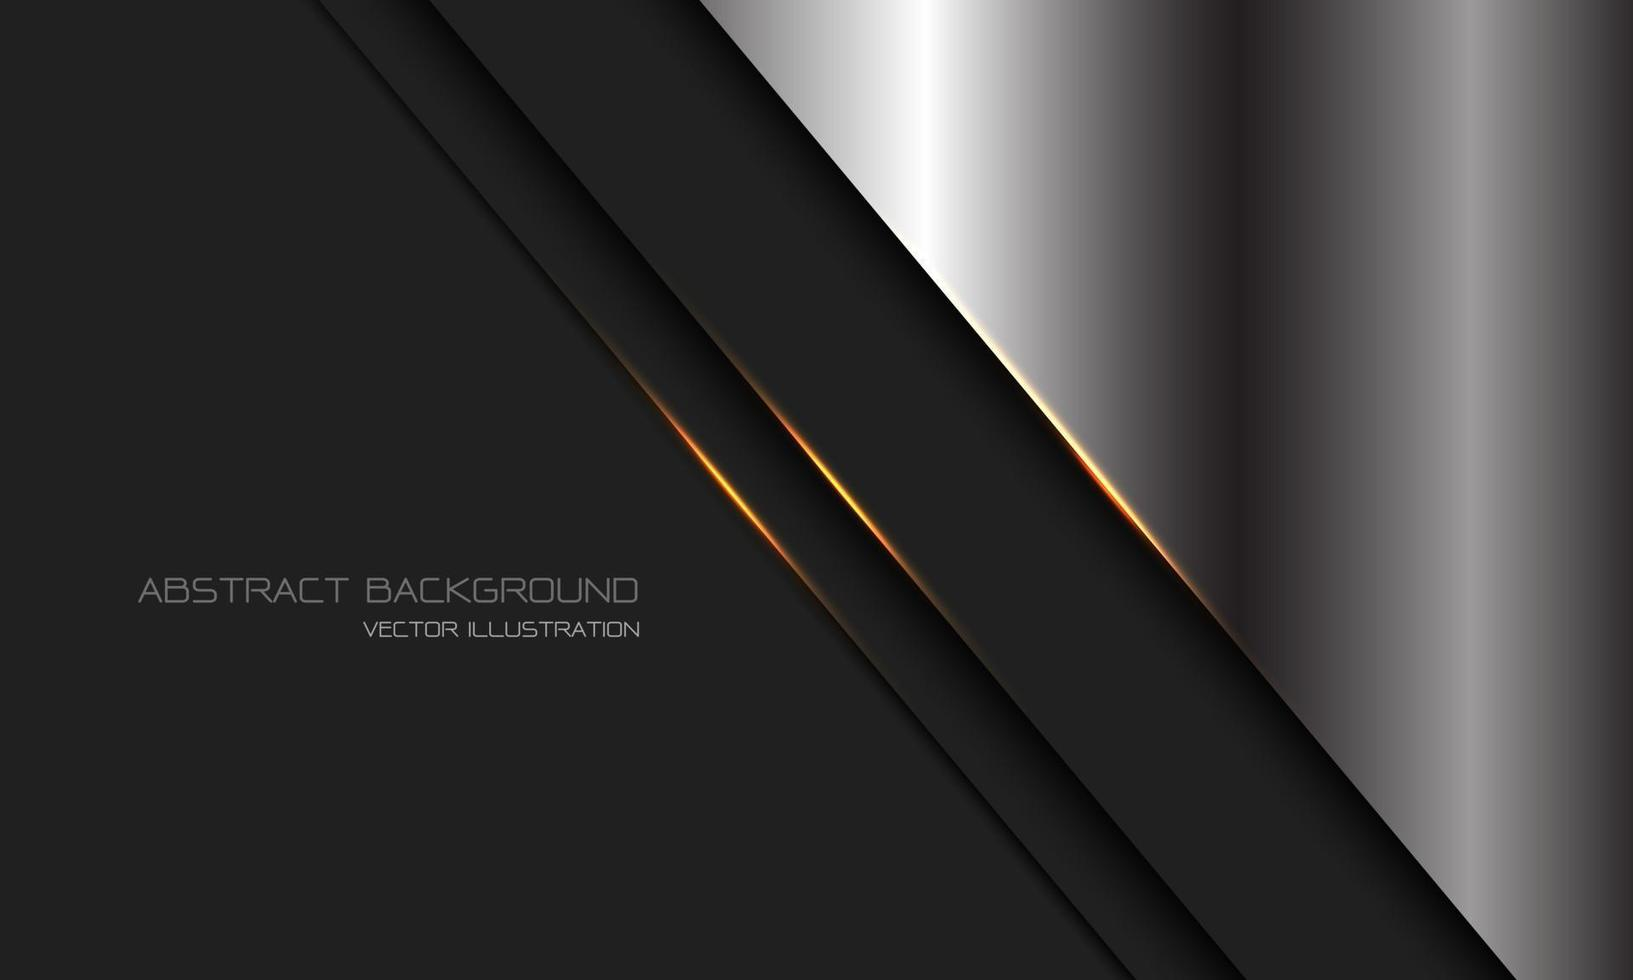 abstracte zilver donkergrijs metallic goud lichte lijn schuine streep met lege ruimte ontwerp moderne luxe futuristische technologie achtergrond vectorillustratie. vector